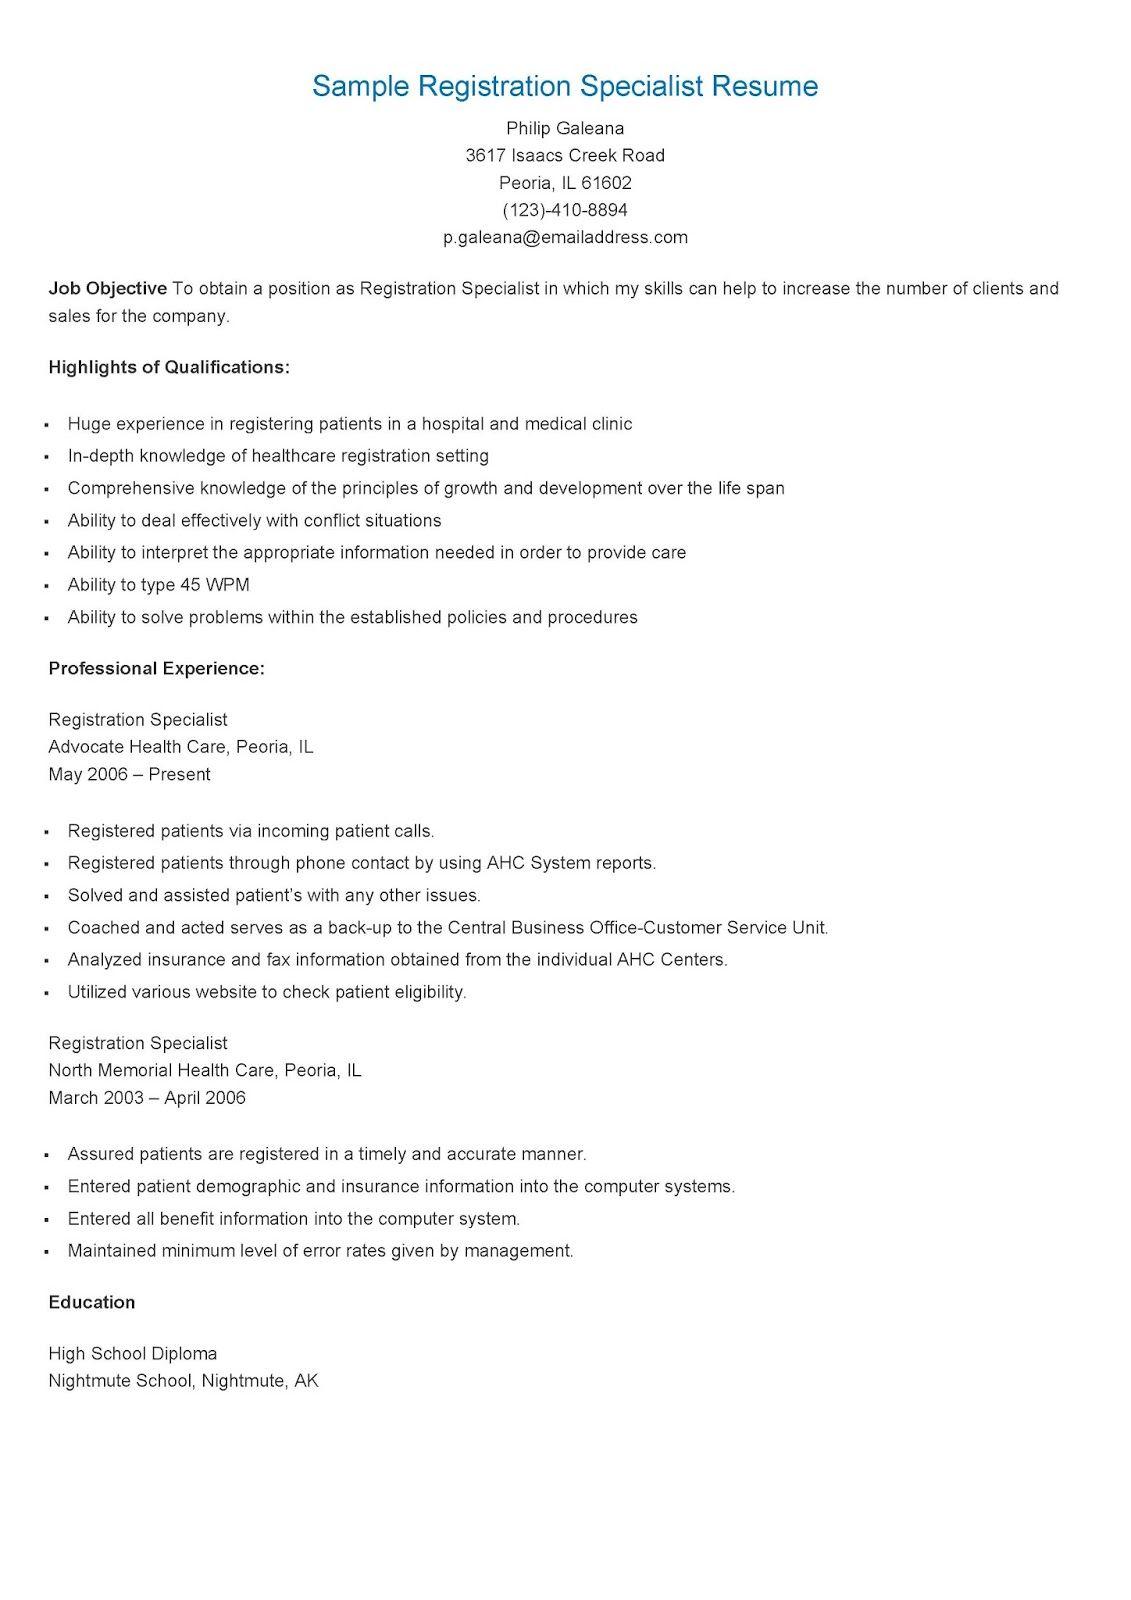 Sample Registration Specialist Resume | resame | Pinterest